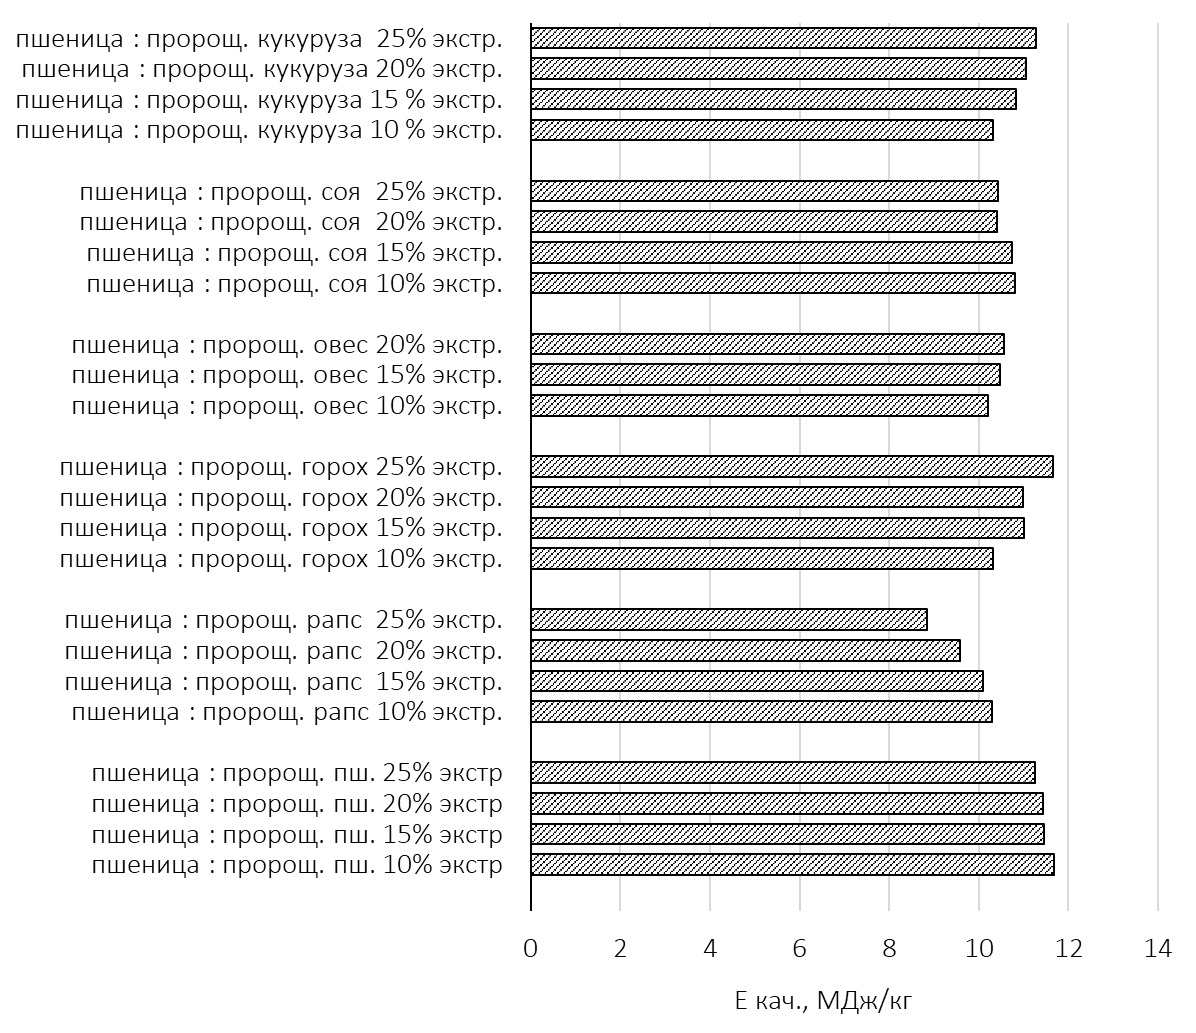 word image 744 Инновационные методы подготовки зерновых кормов, обработанных методом экструдирования с предварительным проращиванием одного из компонентов, с целью использования в скотоводстве